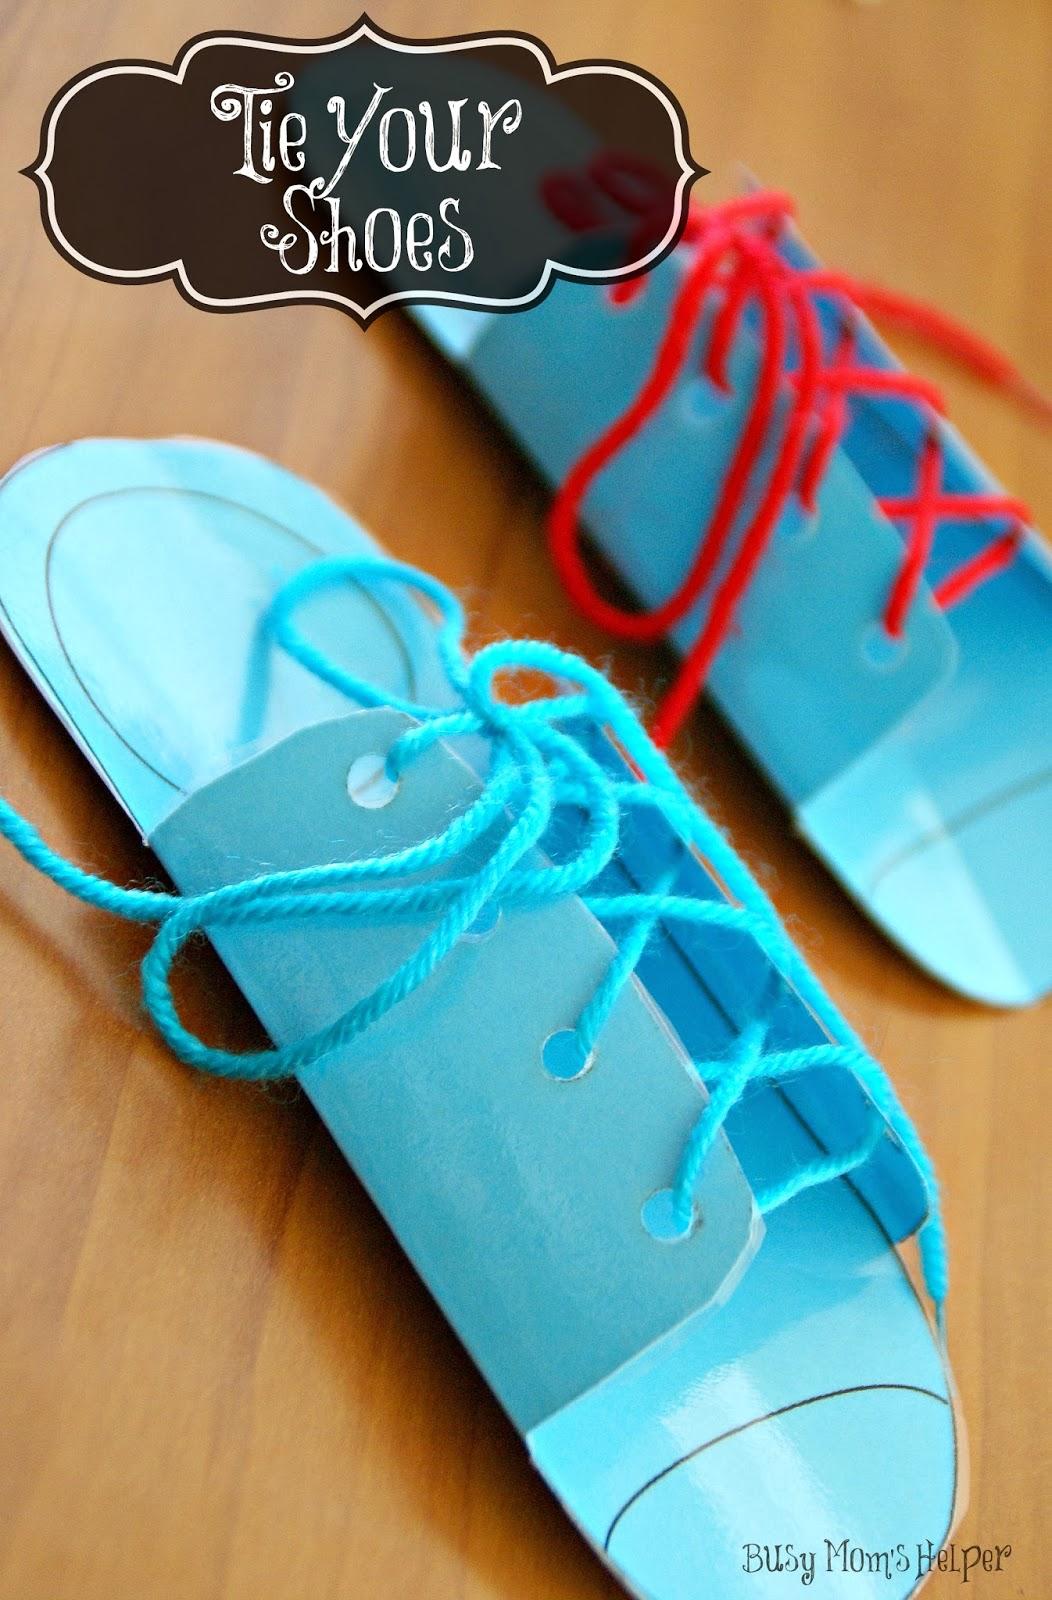 shoe-tying-craft